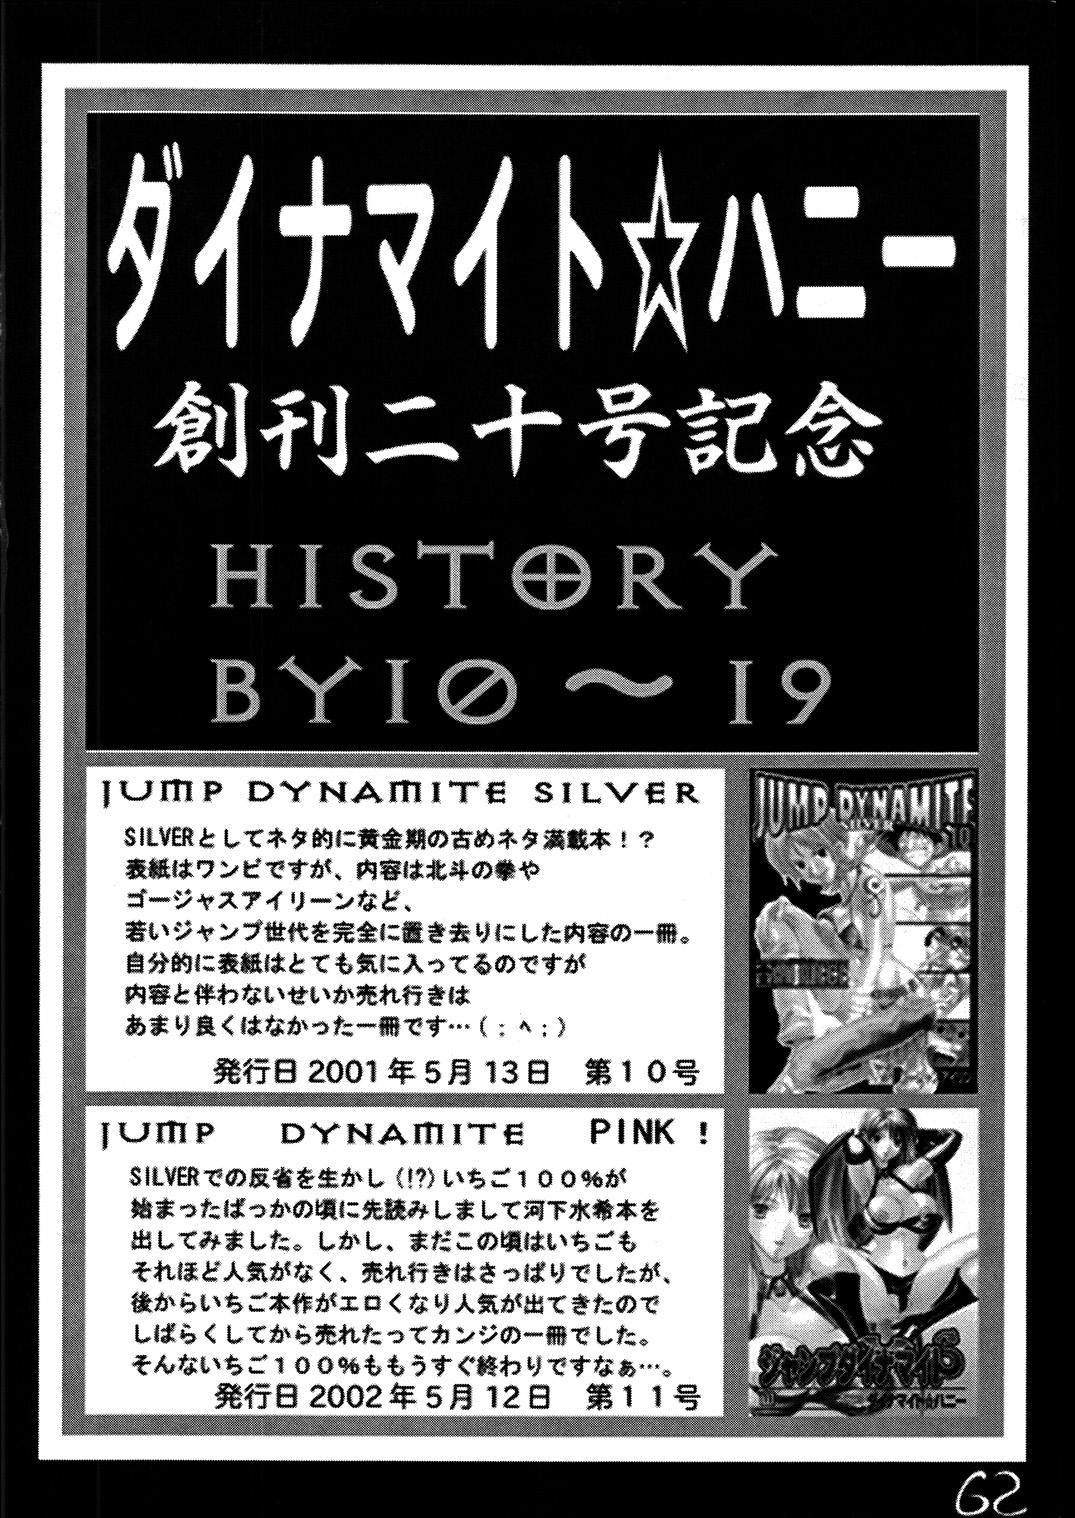 Kunoichi Dynamite DL Ban 60